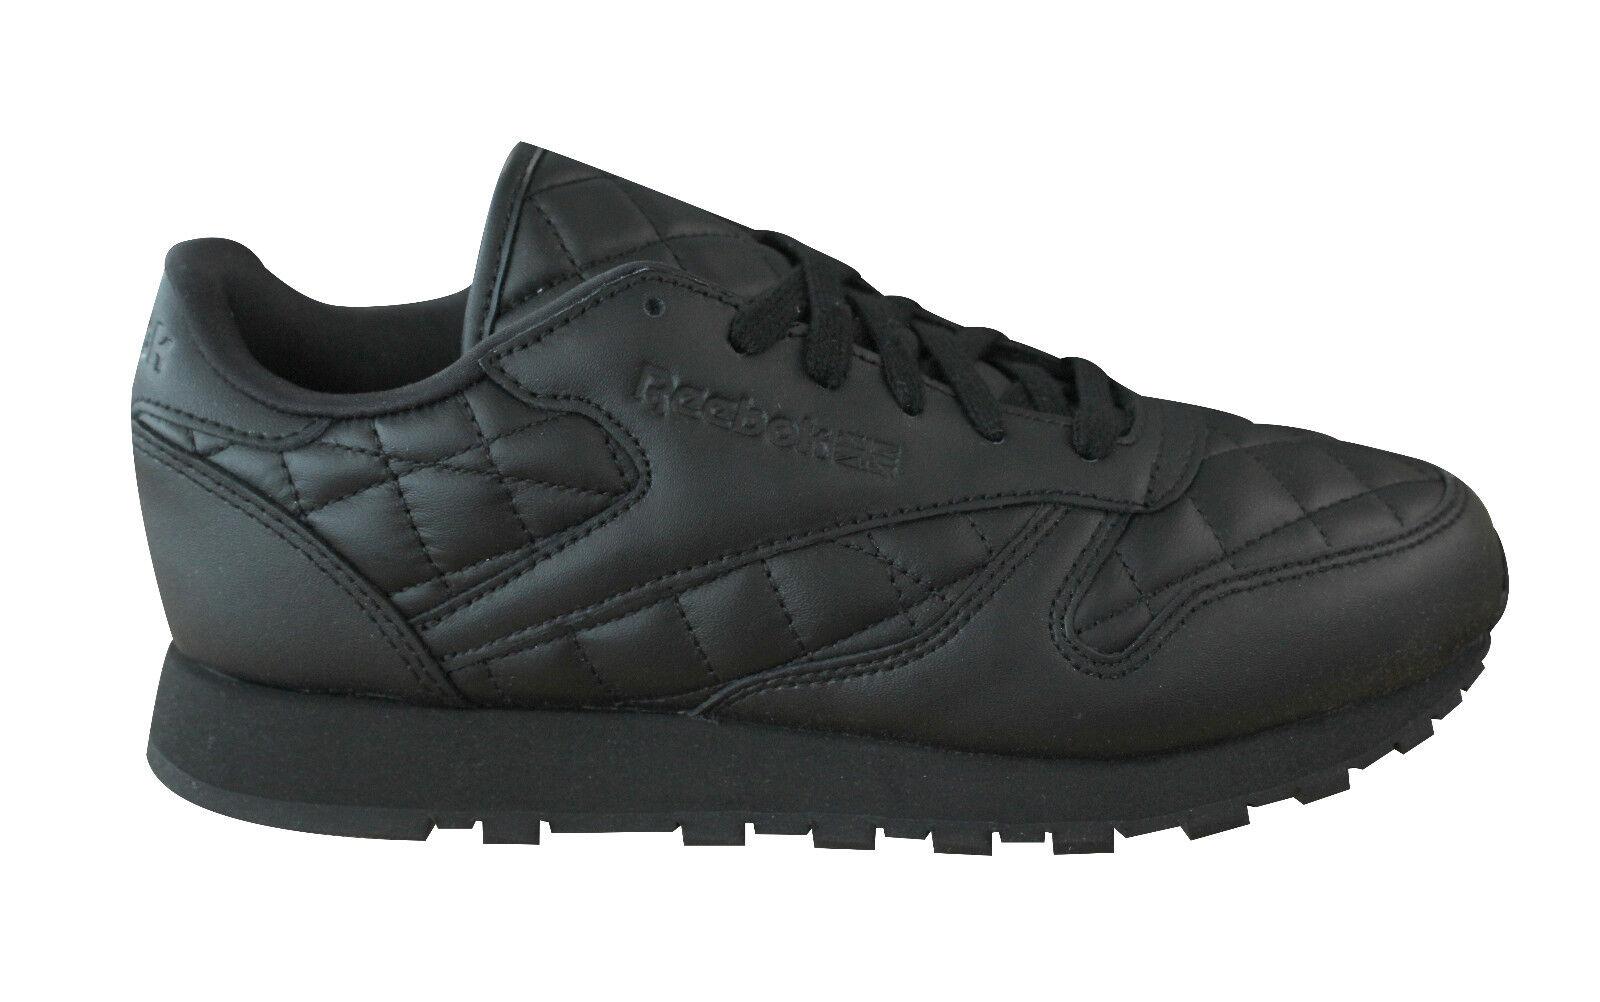 Reebok Cl Cuero Cuero Cuero Clásico Acolchado Zapatillas de Mujer Negro con Cordones AR1263  alta calidad y envío rápido